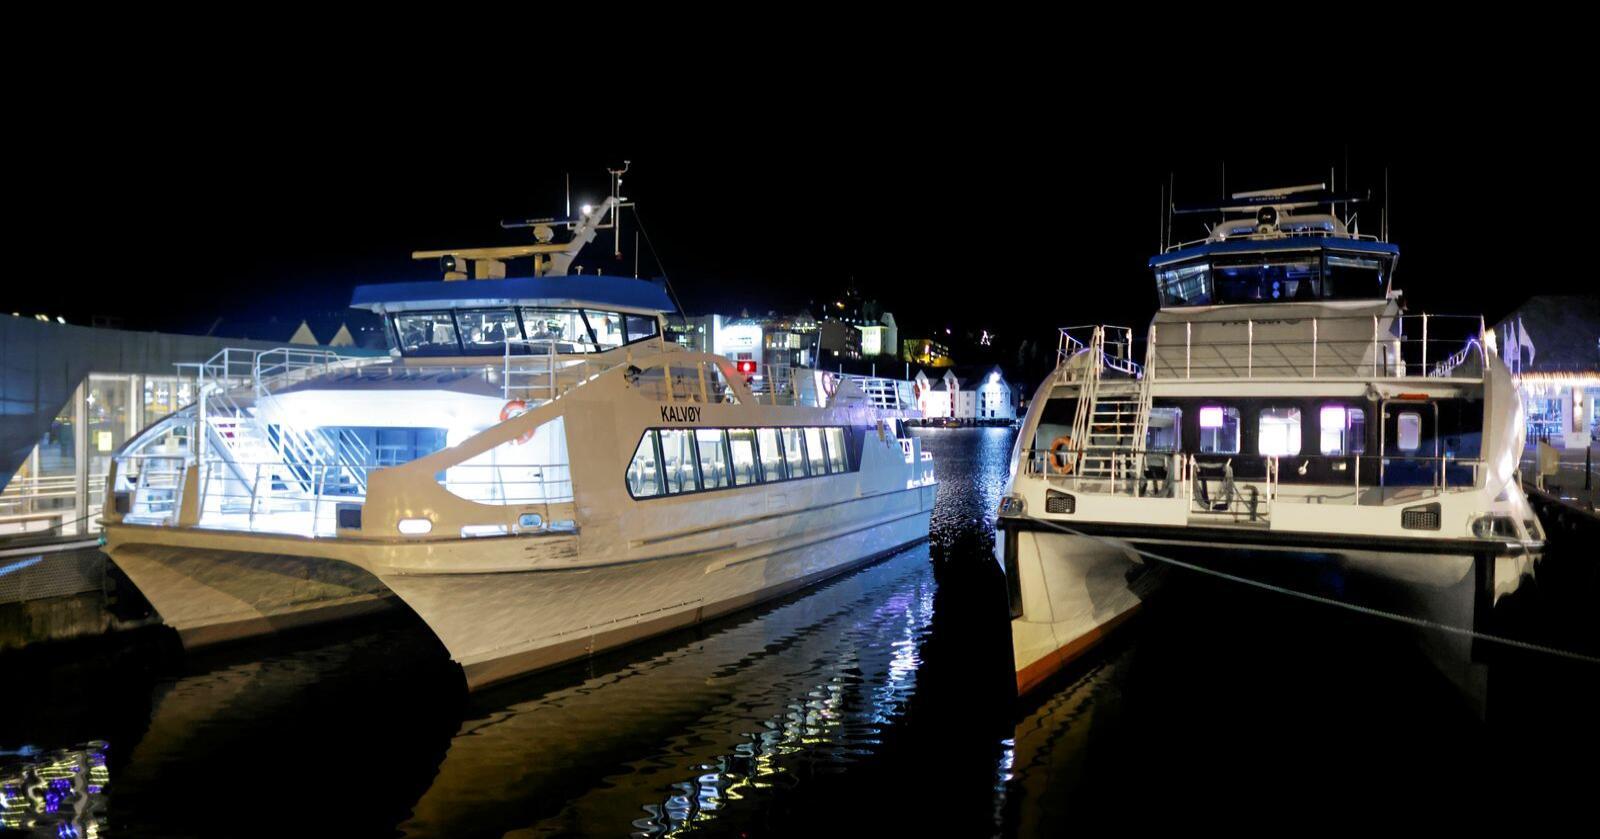 Slow boat: Boreal sine fartøy fikk seilingsnekt etter at en av selskapets ferger hadde kjørt med åpen baugport. Foto: Svein Ove Ekornesvåg / NTB